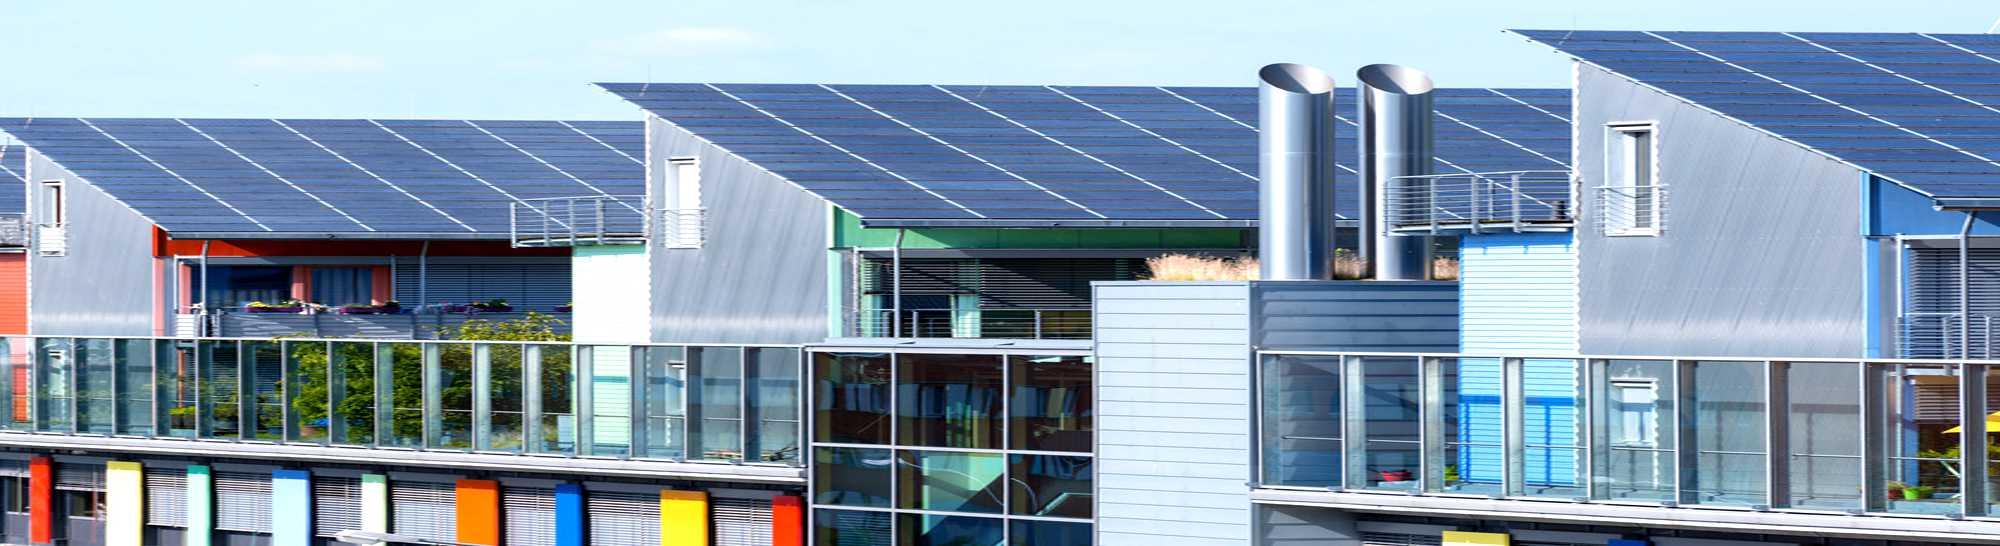 Heizung Solar von der Demmelmair GmbH